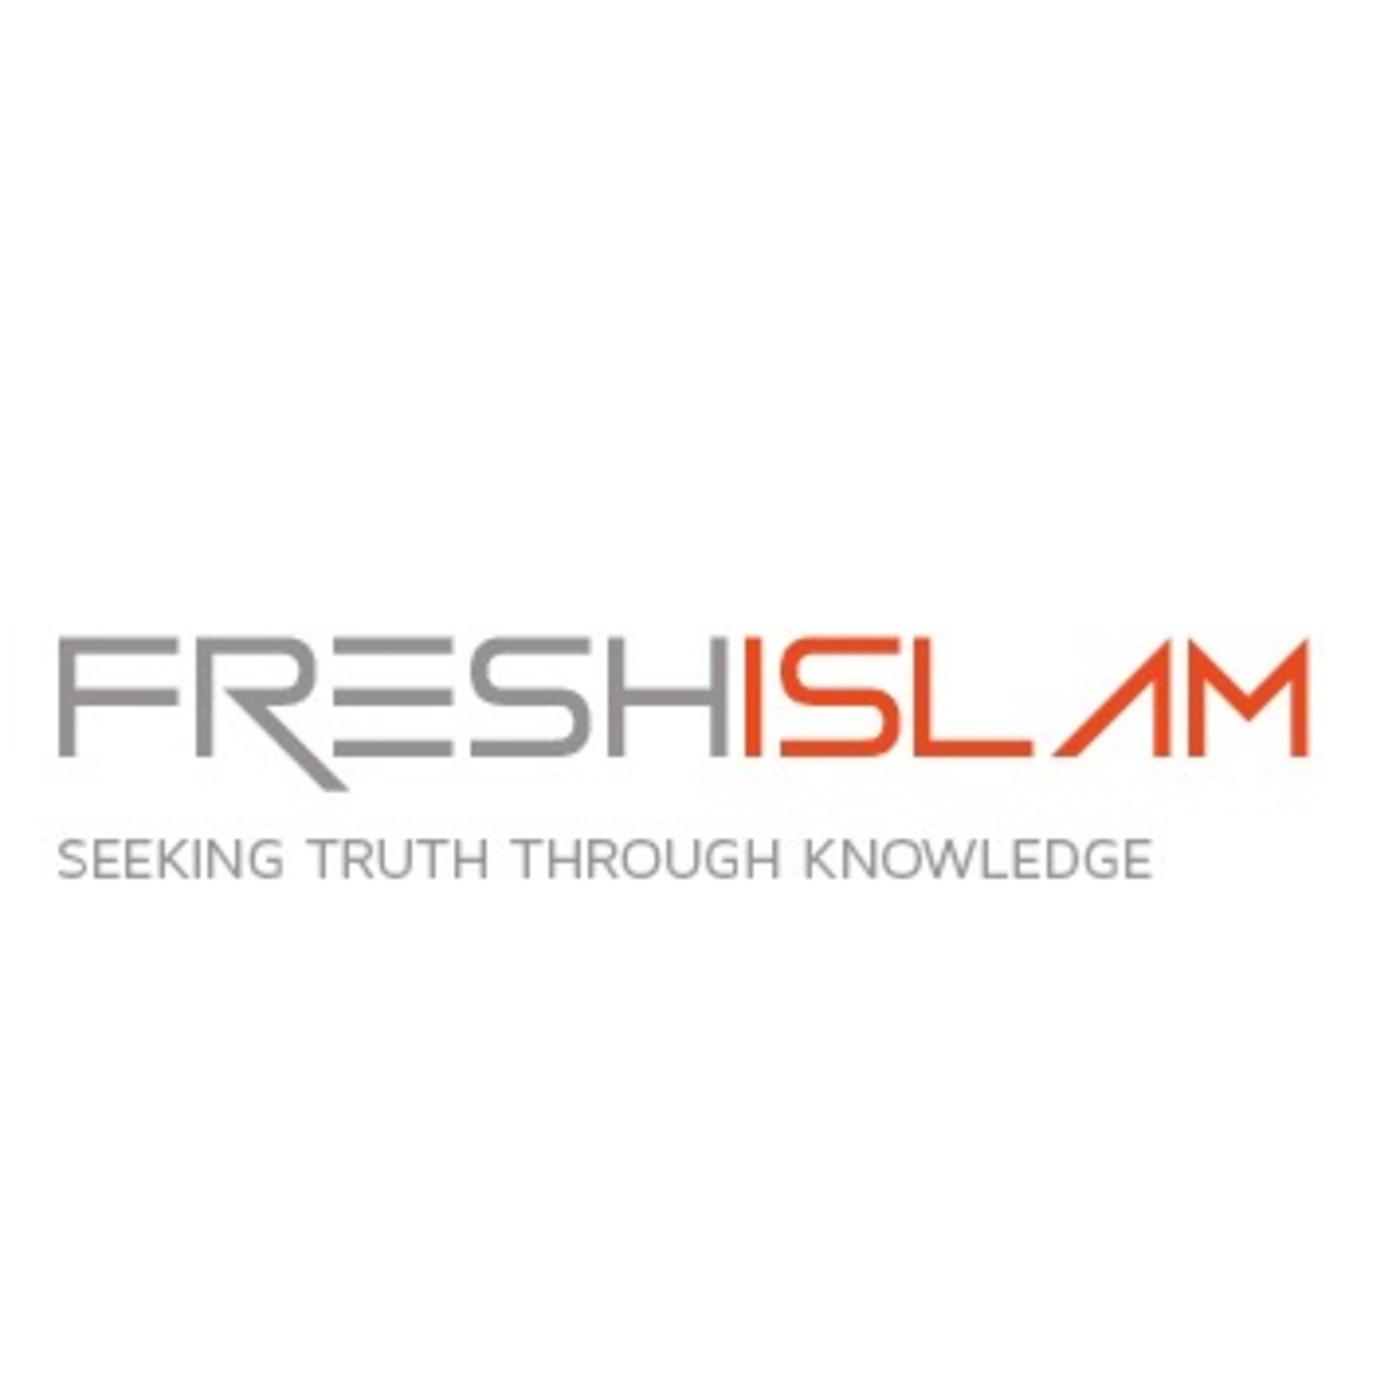 FreshIslam.org Podcast